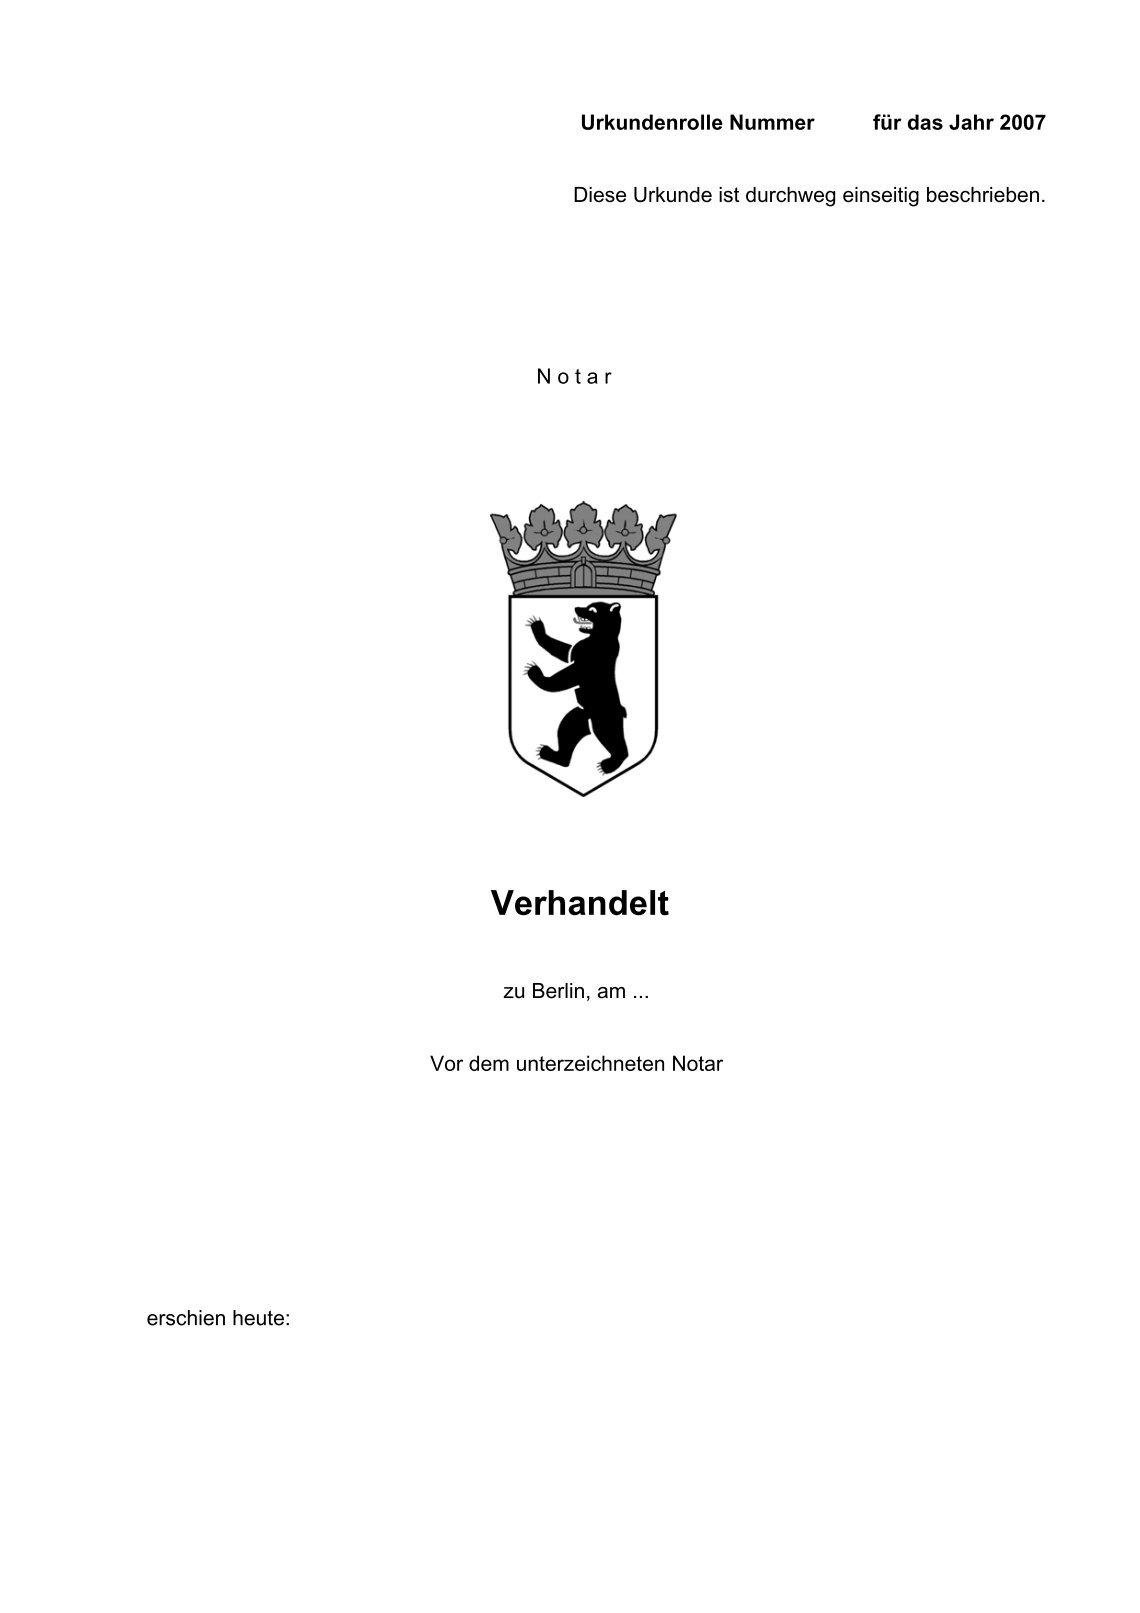 7 free Magazines from HEIMATGRUND.DE